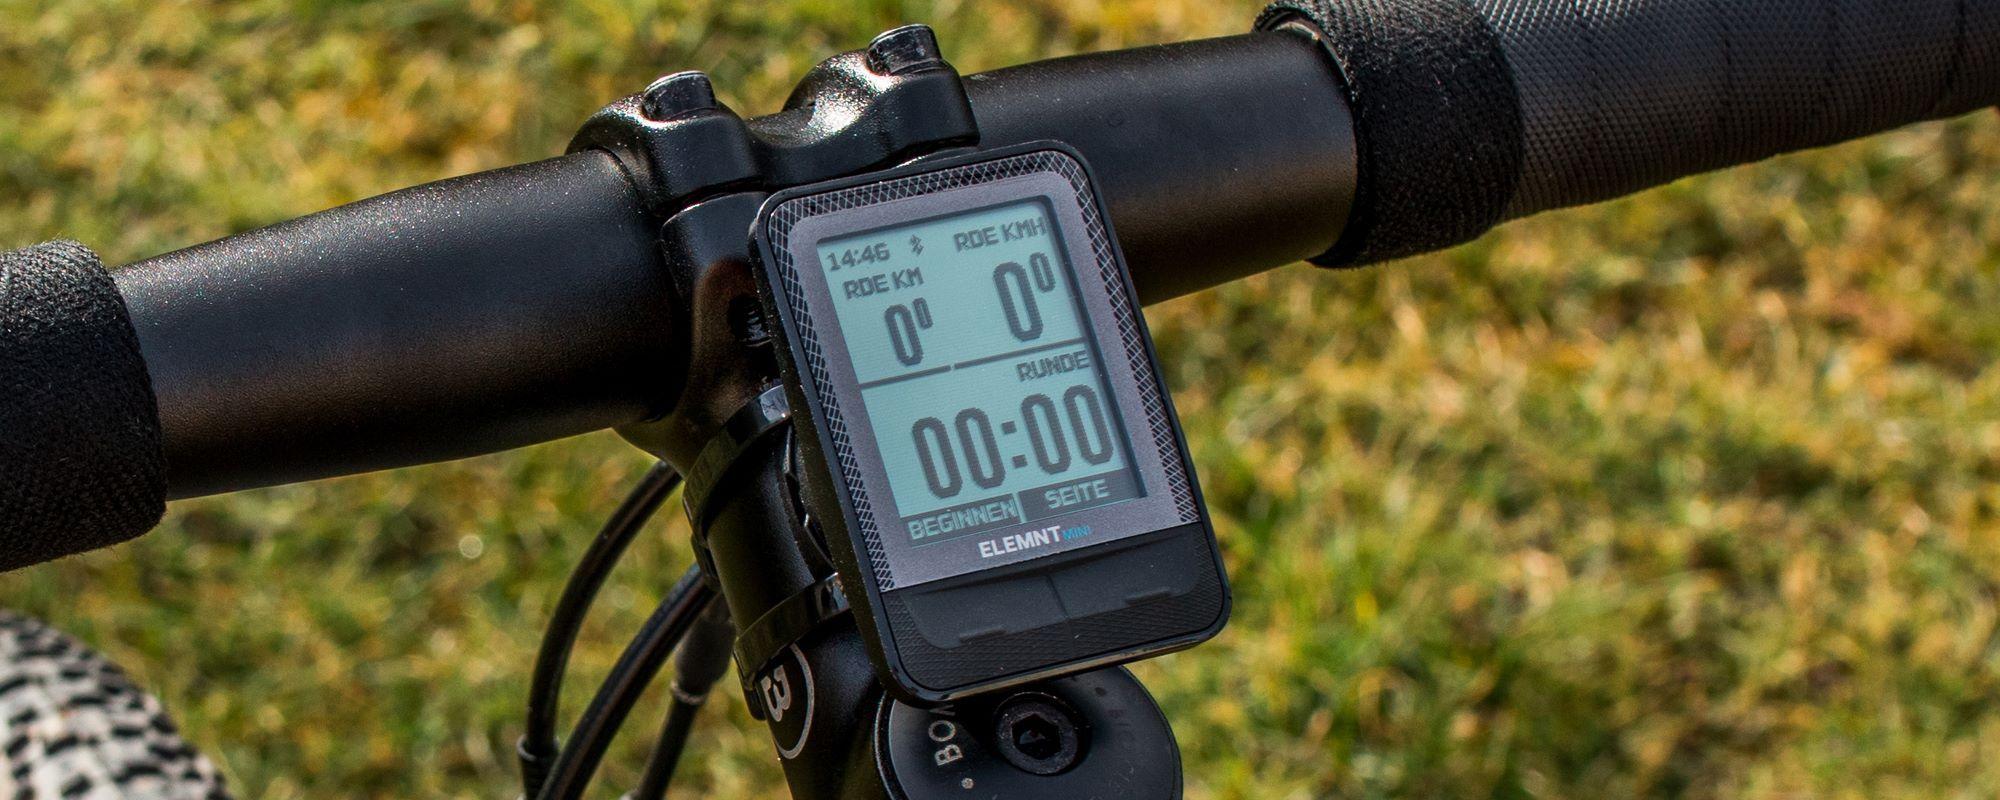 Wahoo ELEMNT Mini Test & Erfahrungen - Lohnt sich der kompakte Fahrradcomputer?